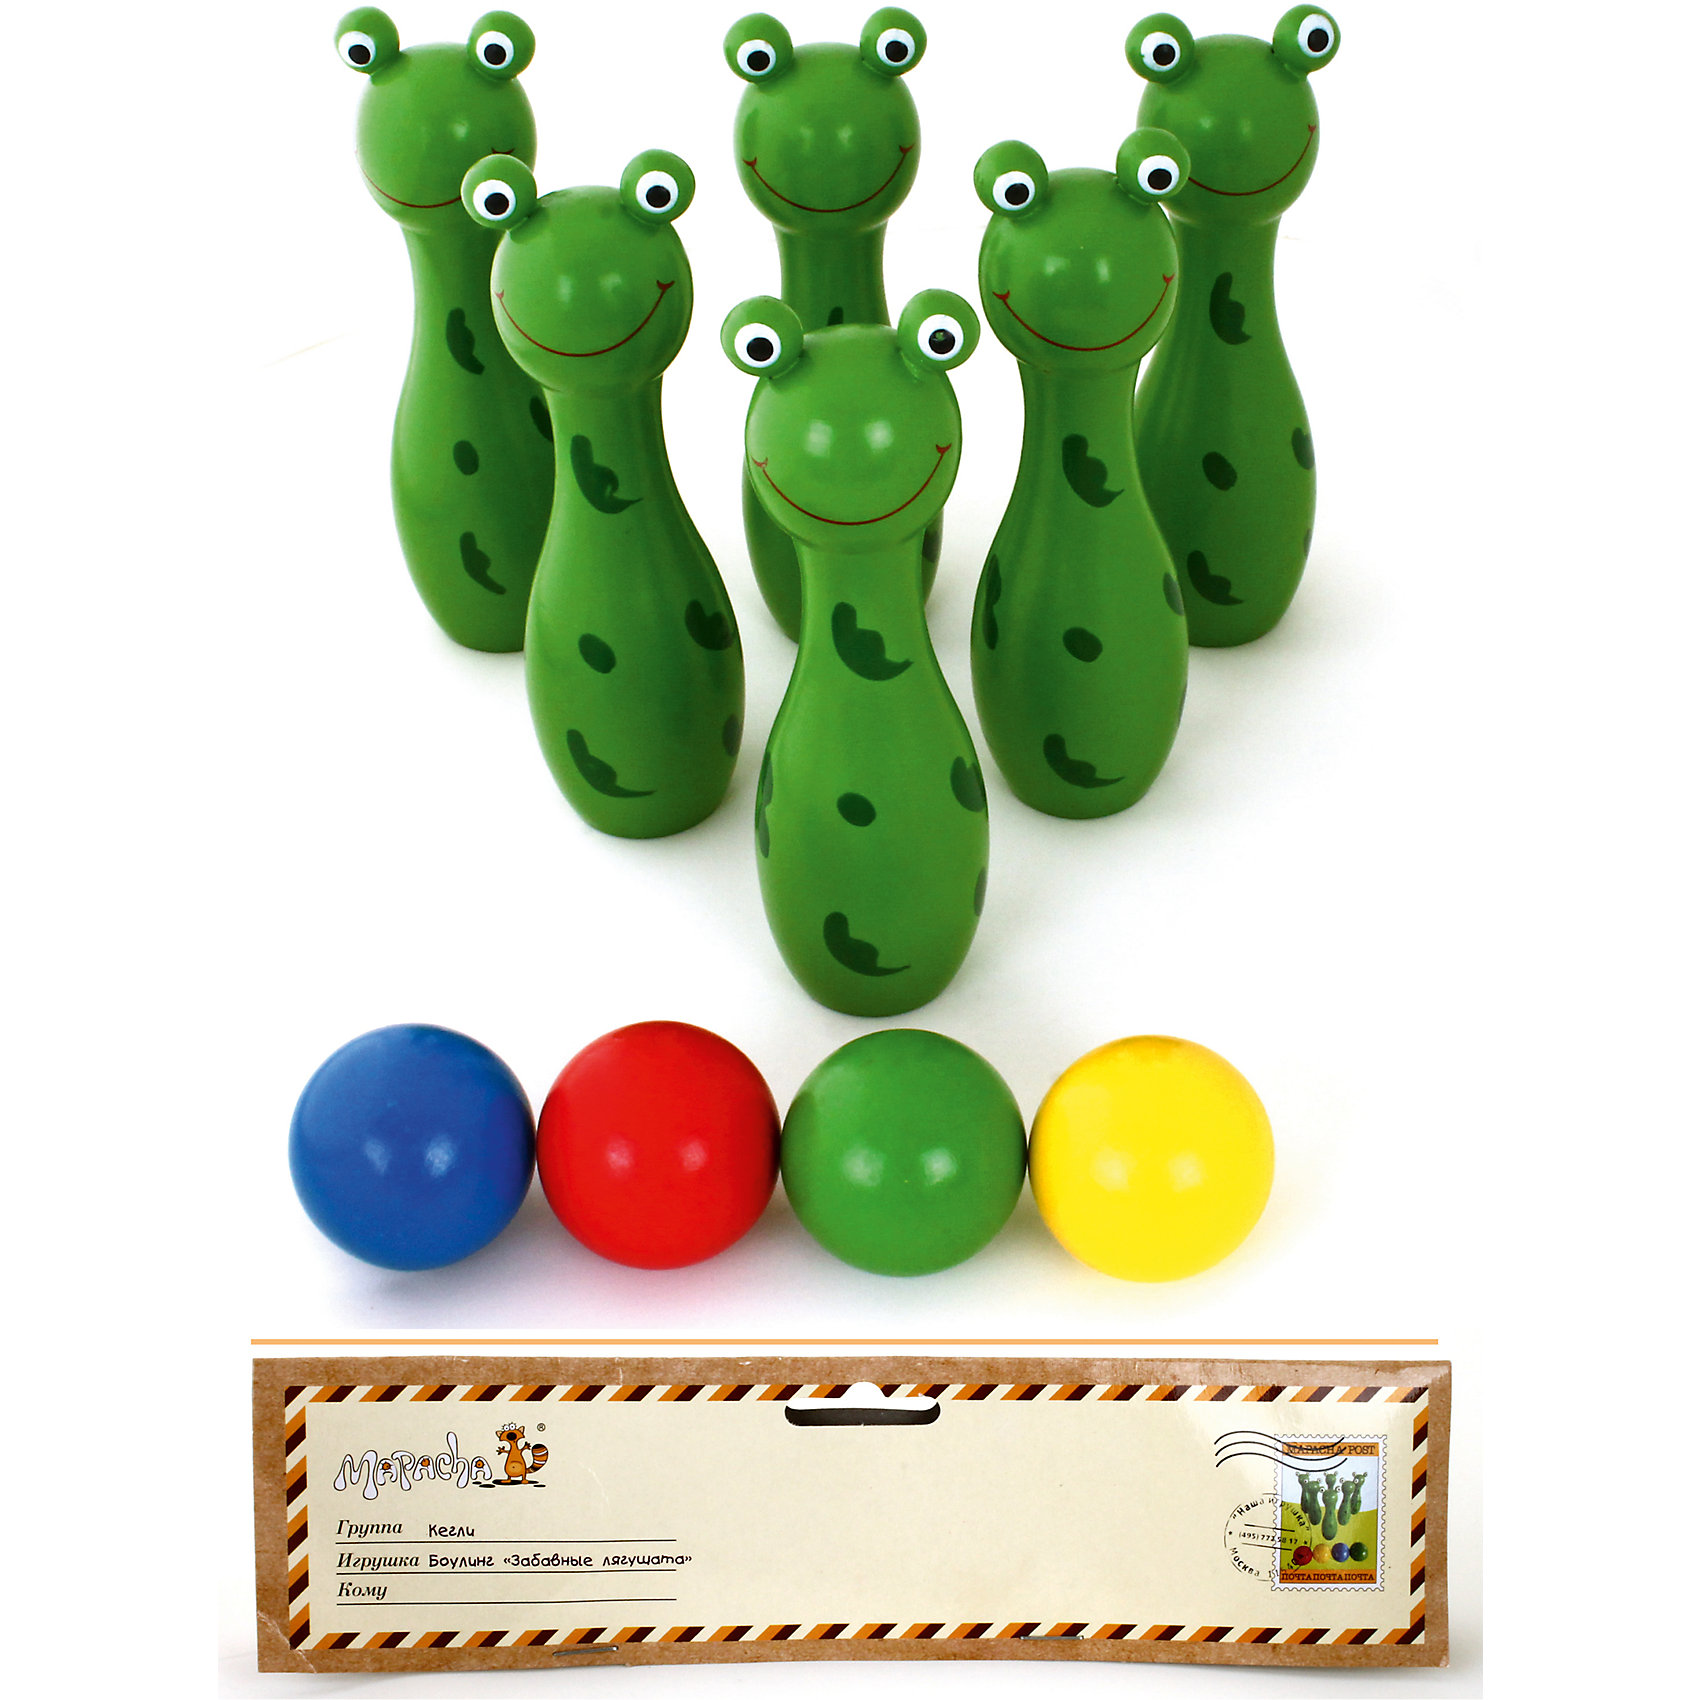 Боулинг Забавные лягушата, MapachaИгровые наборы<br>Боулинг – всеми любимая игра. Семейные походы в боулинг – отличный вариант для развлечений выходного дня. С новой игрушкой от компании Mapacha в боулинг можно играть прямо у себя дома! Кегли – милые зеленые лягушата. Команду кеглей - лягушат, выстроенную в определенном порядке нужно разбить разноцветными мячами, входящими в комплект. Материалы, использованные при изготовлении товара, абсолютно безопасны и отвечают всем международным требованиям по качеству.<br><br>Дополнительные характеристики:<br><br>материал: натуральное дерево;<br>цвет: разноцветный;<br>габариты: 24 X 9 X 34 см;<br>высота: 15,5 см;<br>количество: кегли – 6 штук, мяч – 4 штуки.<br><br>Боулинг Забавные лягушата от компании Mapacha можно приобрести в нашем магазине.<br><br>Ширина мм: 490<br>Глубина мм: 330<br>Высота мм: 330<br>Вес г: 750<br>Возраст от месяцев: 36<br>Возраст до месяцев: 96<br>Пол: Унисекс<br>Возраст: Детский<br>SKU: 5032491